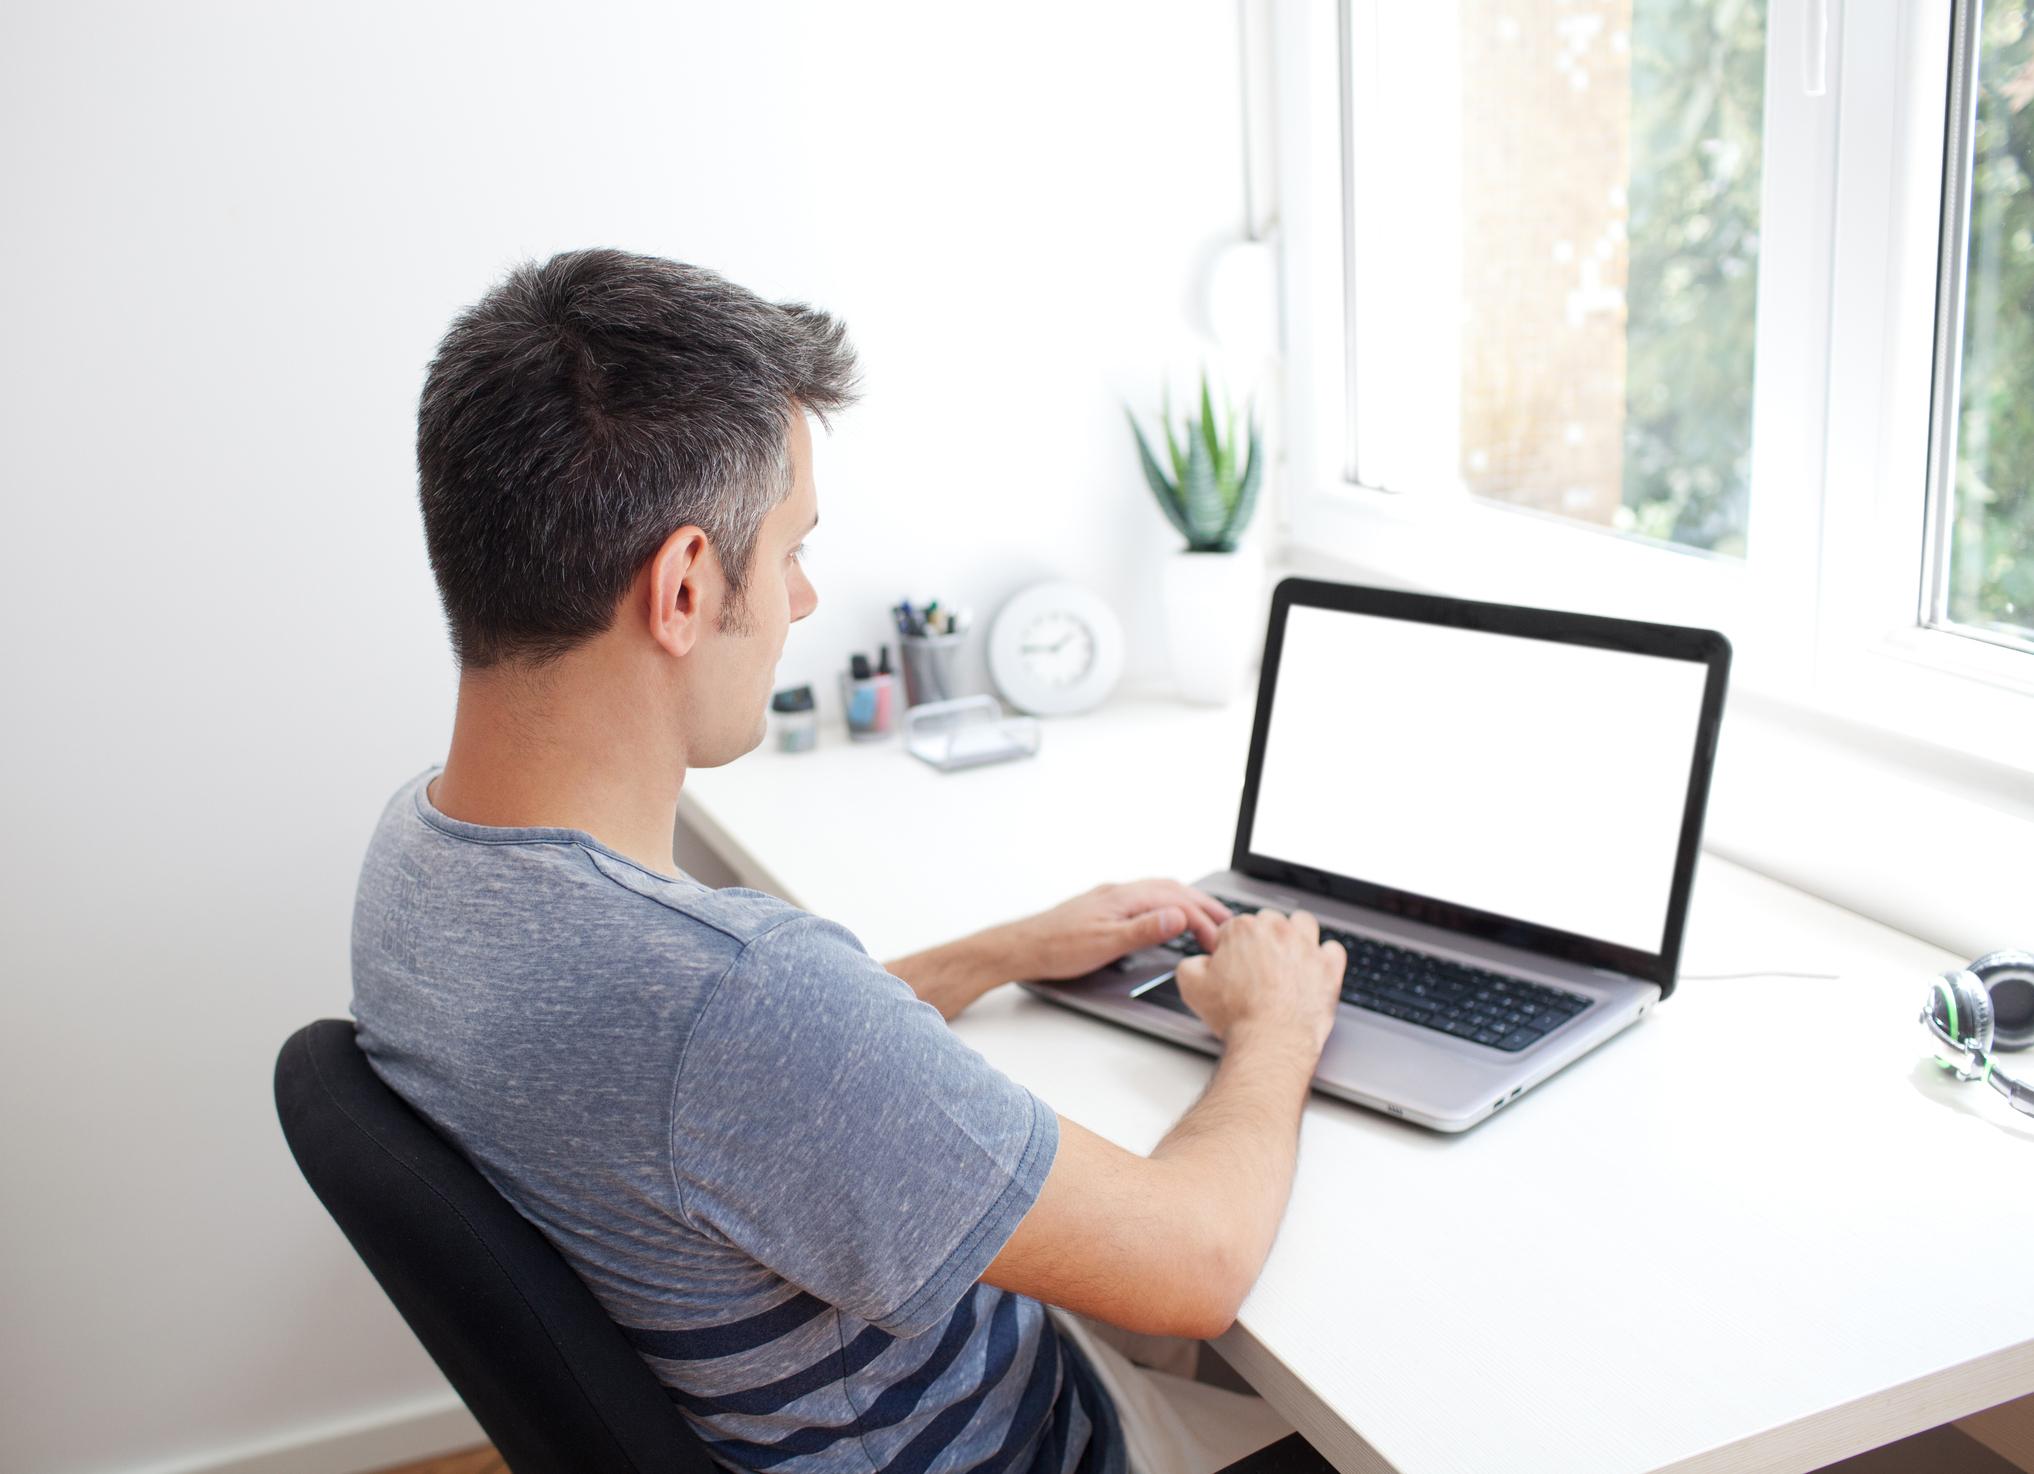 A man types on a laptop.